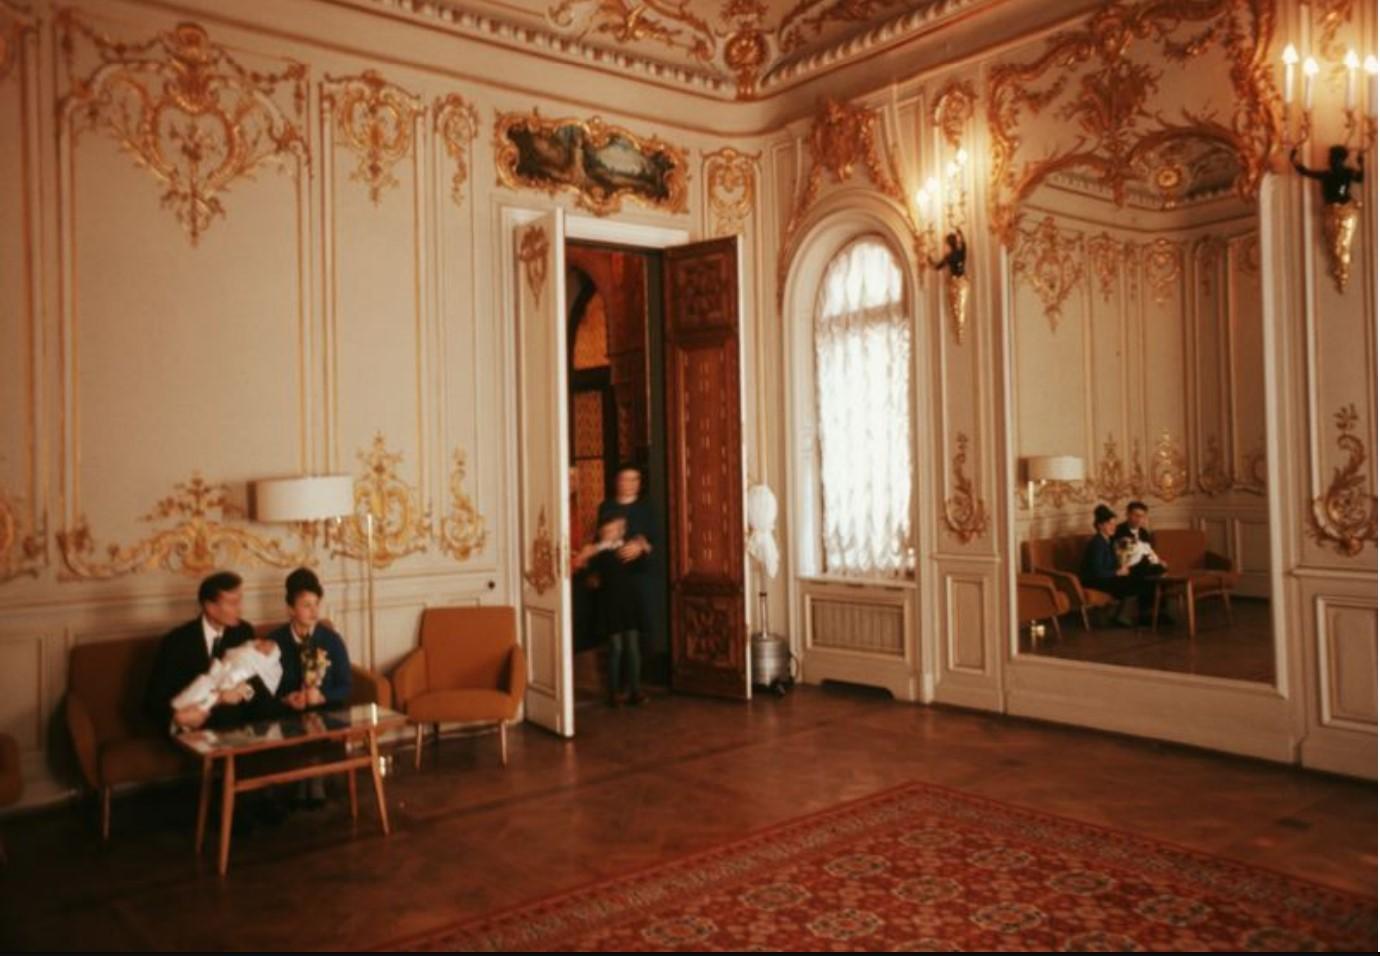 Ленинградский дворец бракосочетания. Регистрация новорожденных